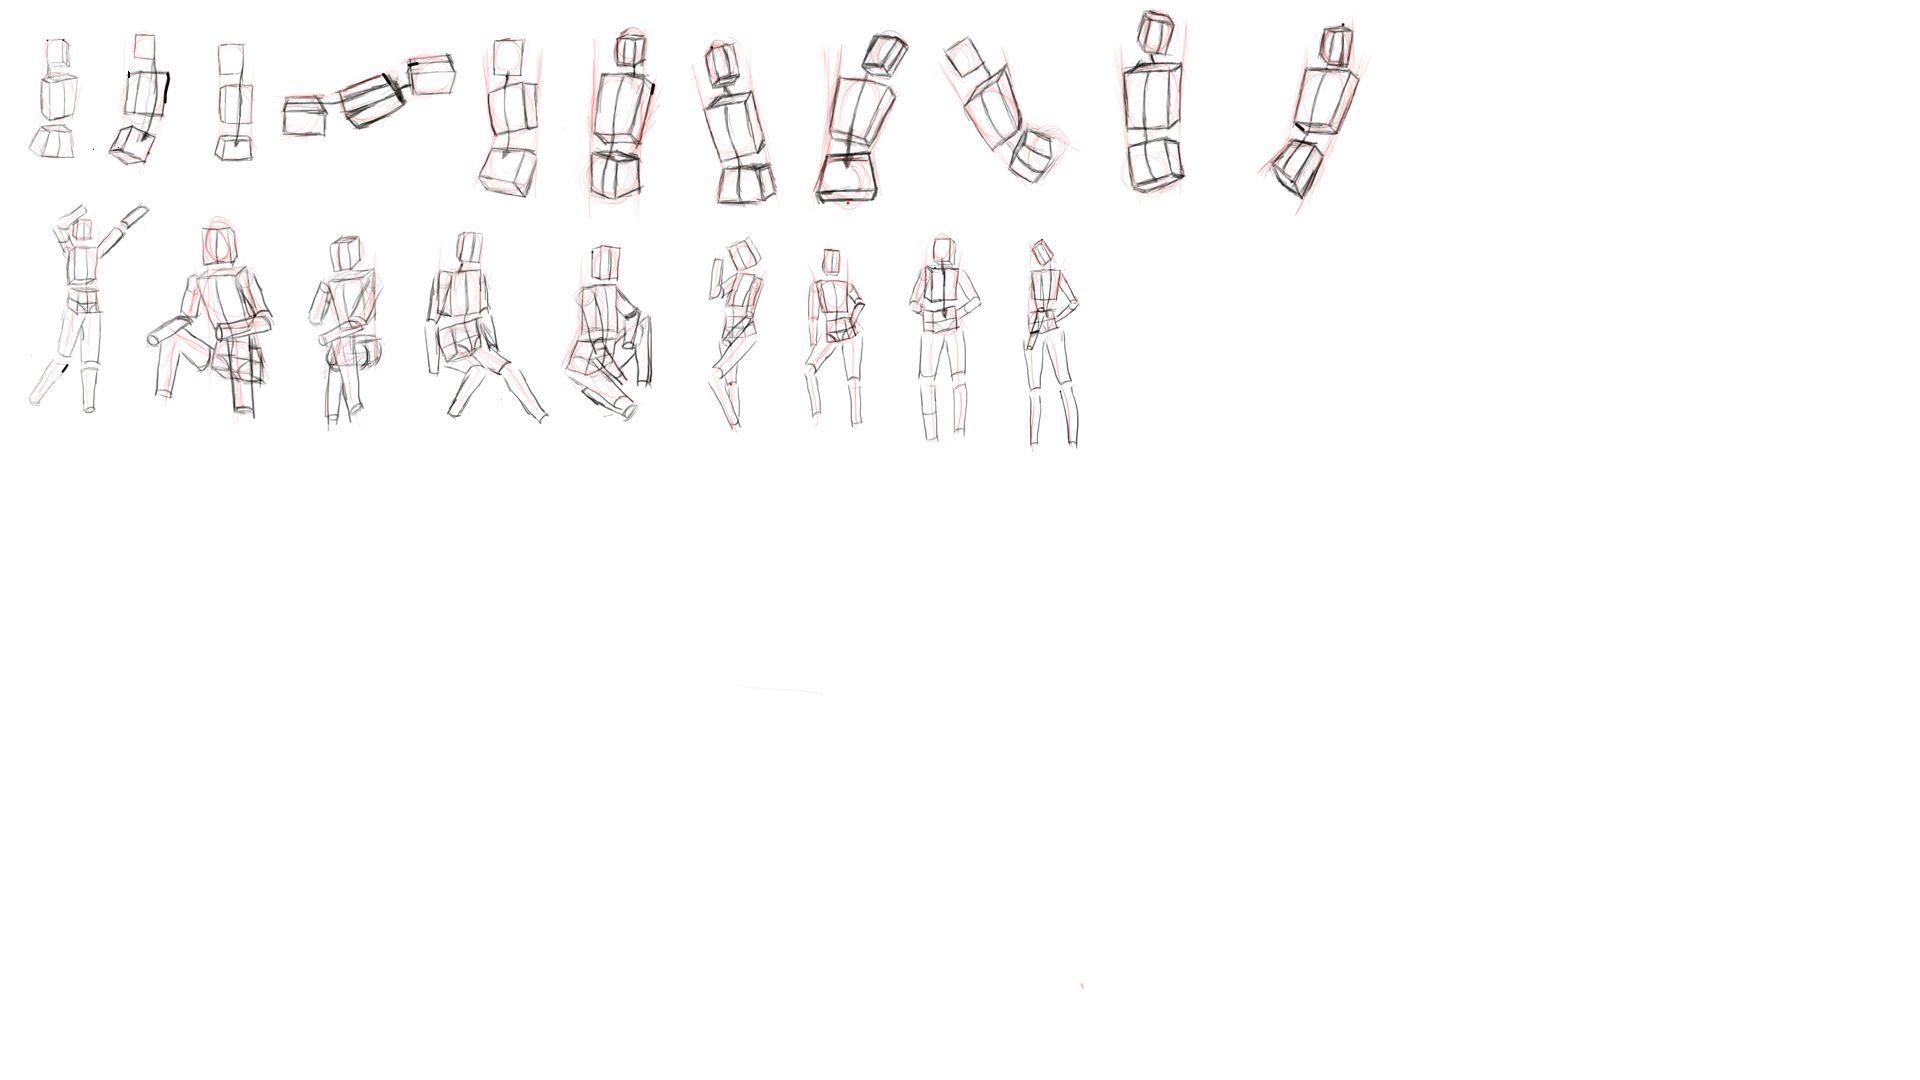 【板绘】自学绘画第二十五天